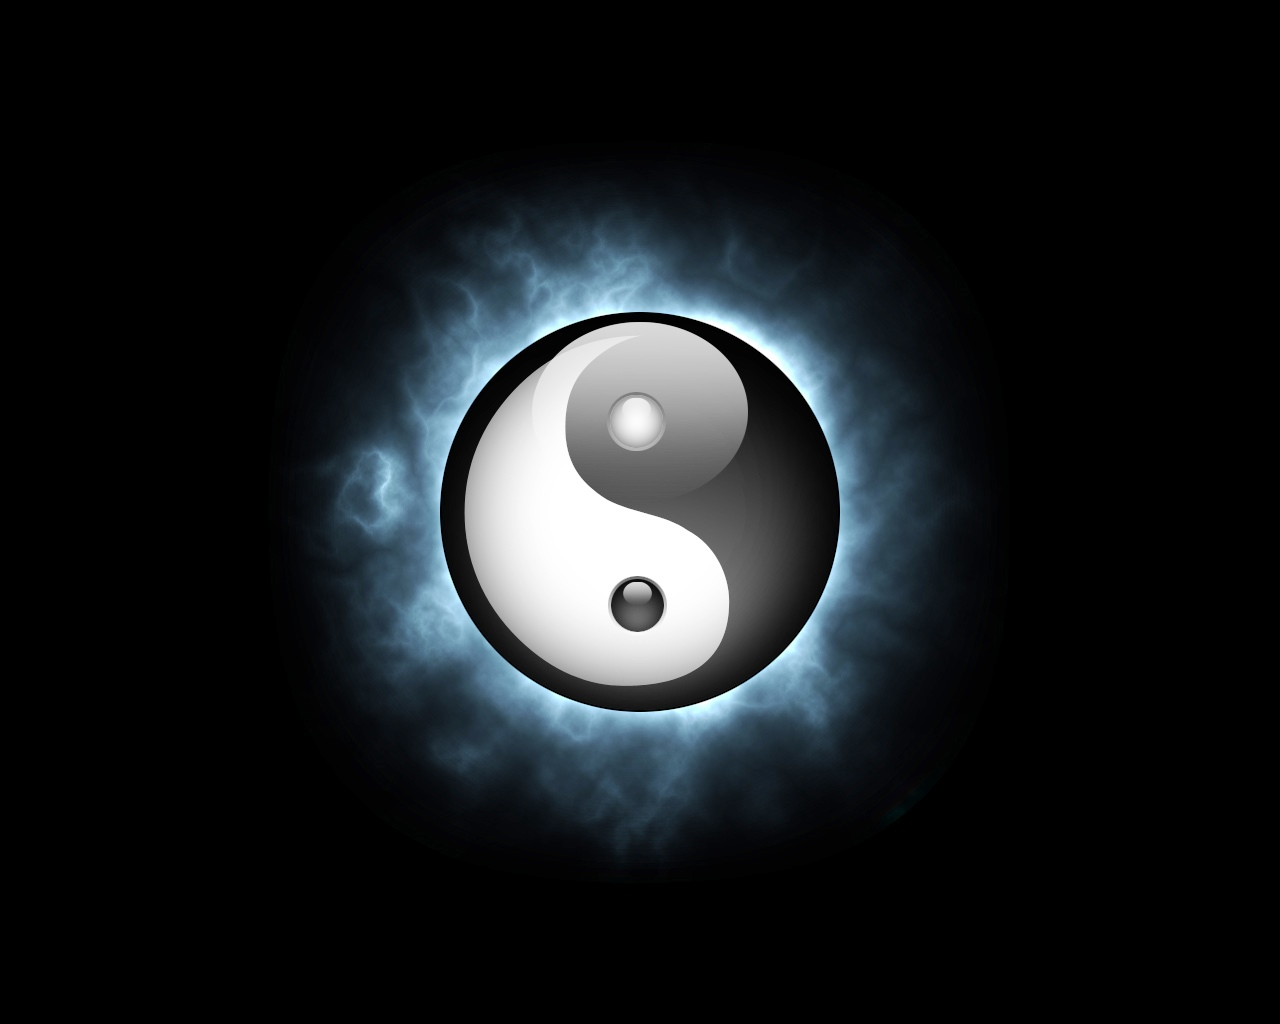 Что означает символ Даосской монады Инь-Ян